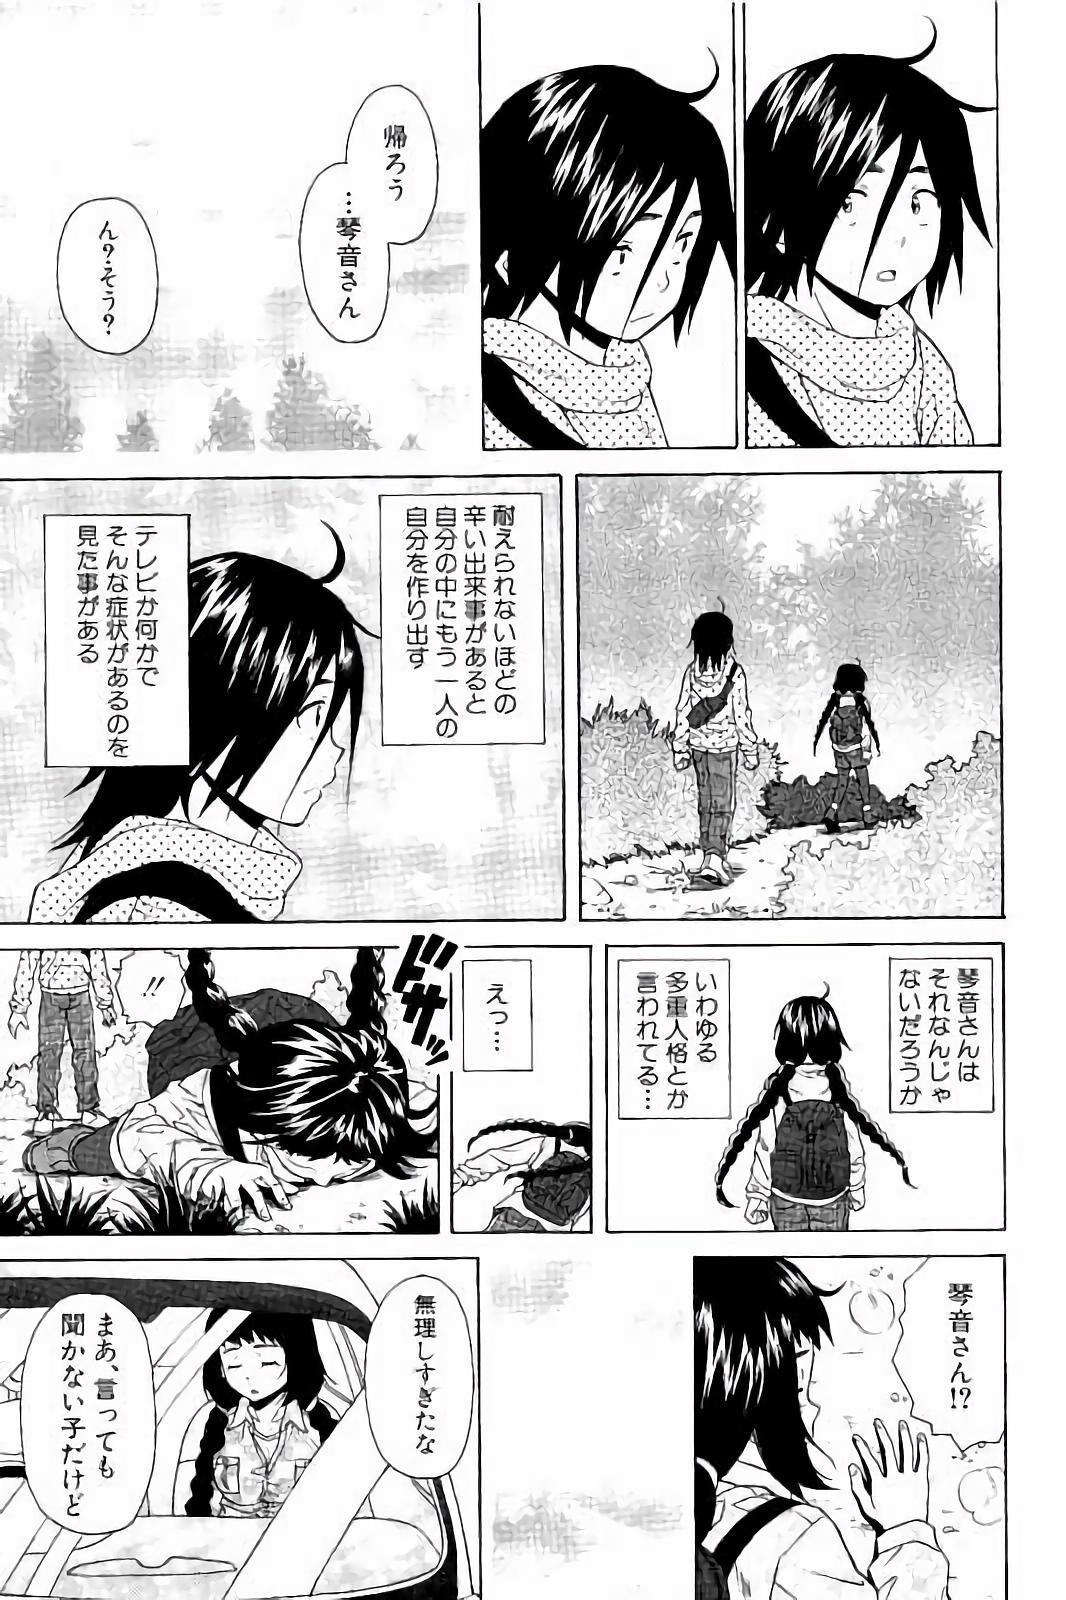 Ane no Himitsu To Boku no Jisatsu 106